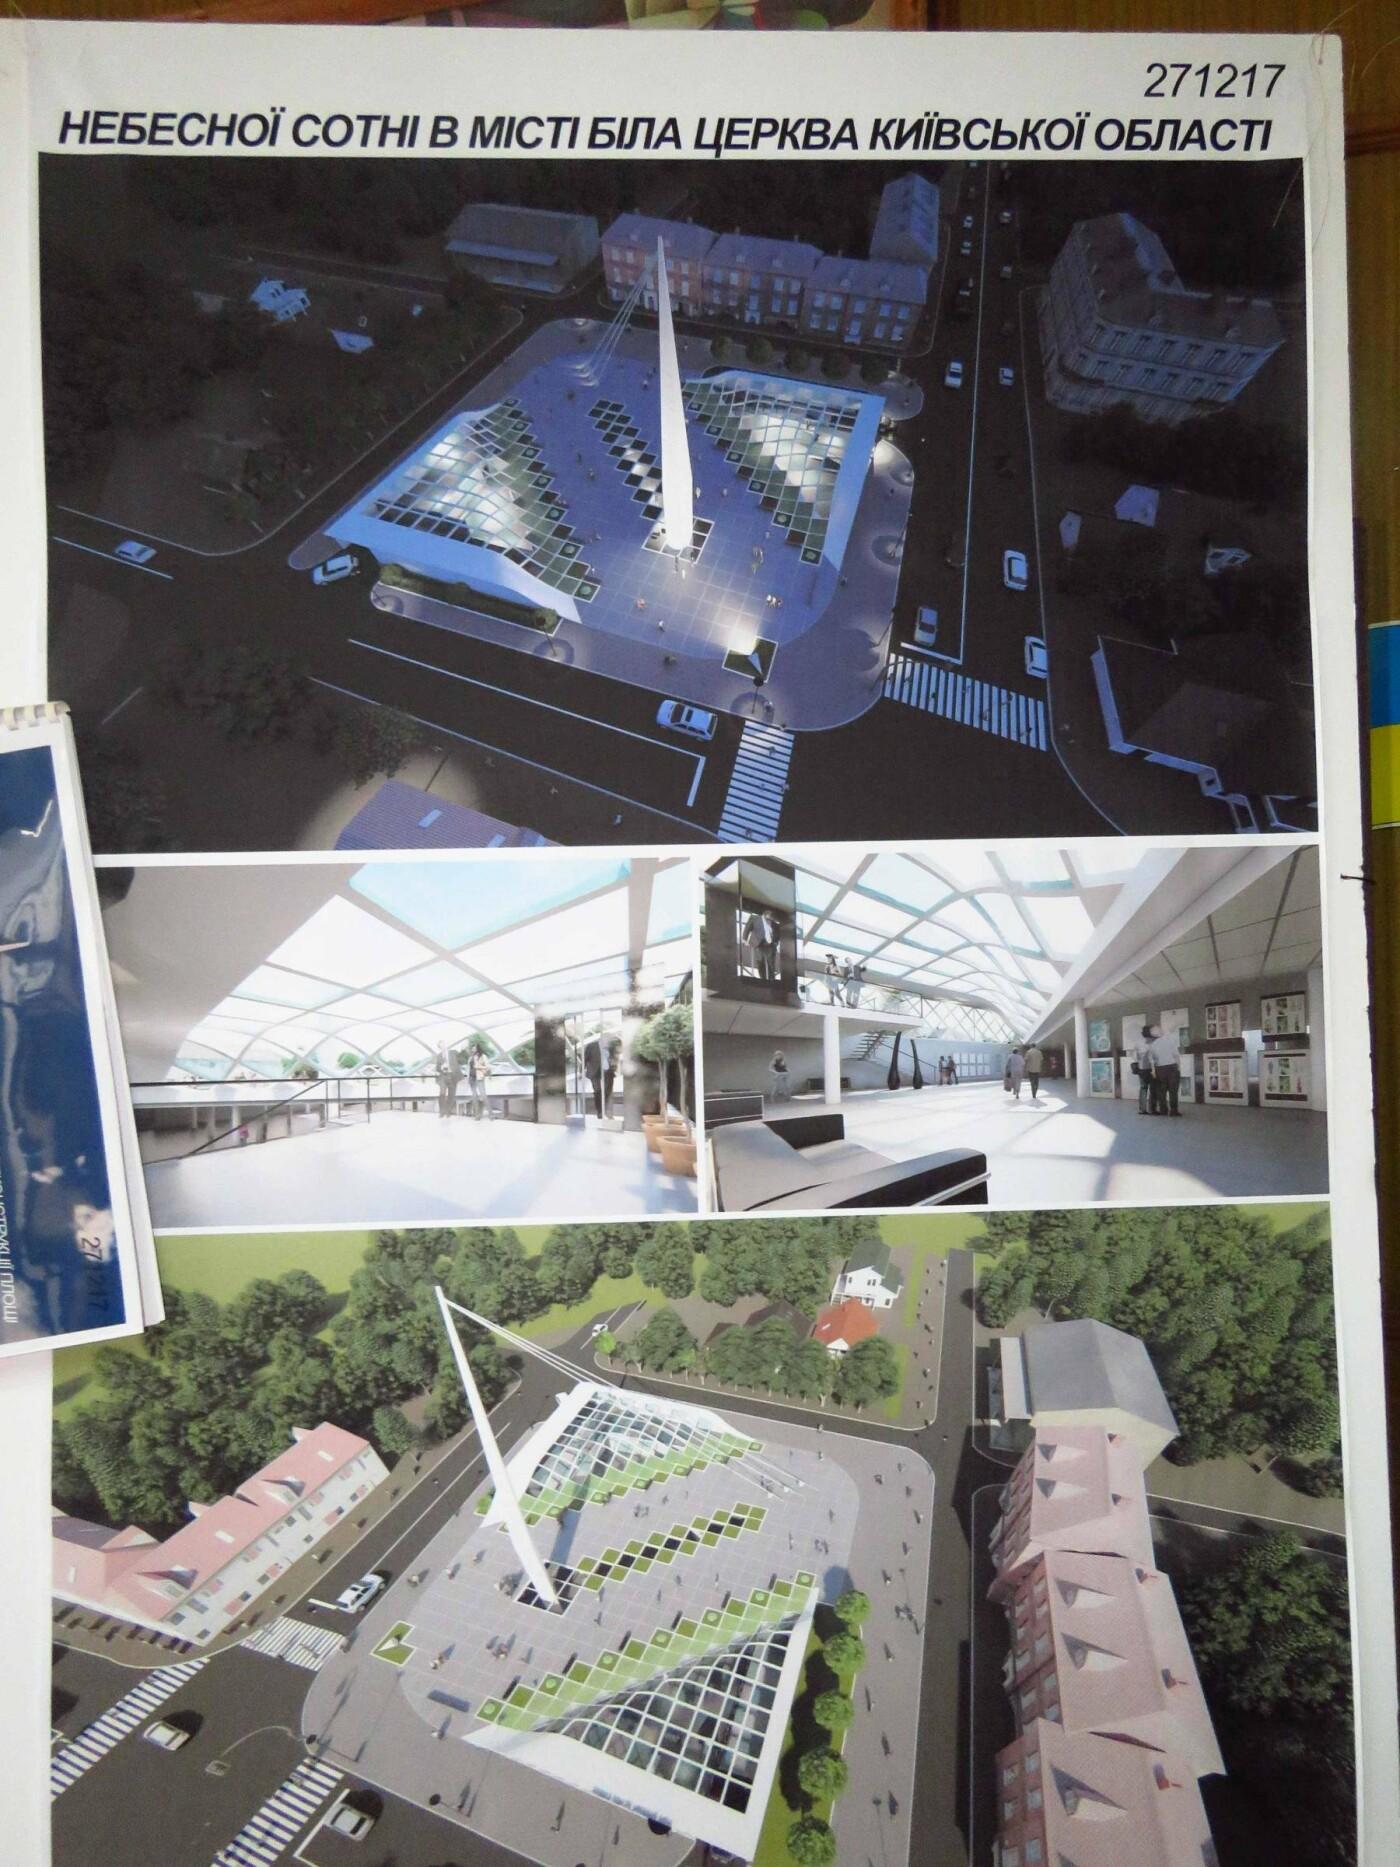 У Білій Церкві оголосили результати конкурсу проектів реконструкції площі на вул. Героїв Небесної Сотні , фото-2